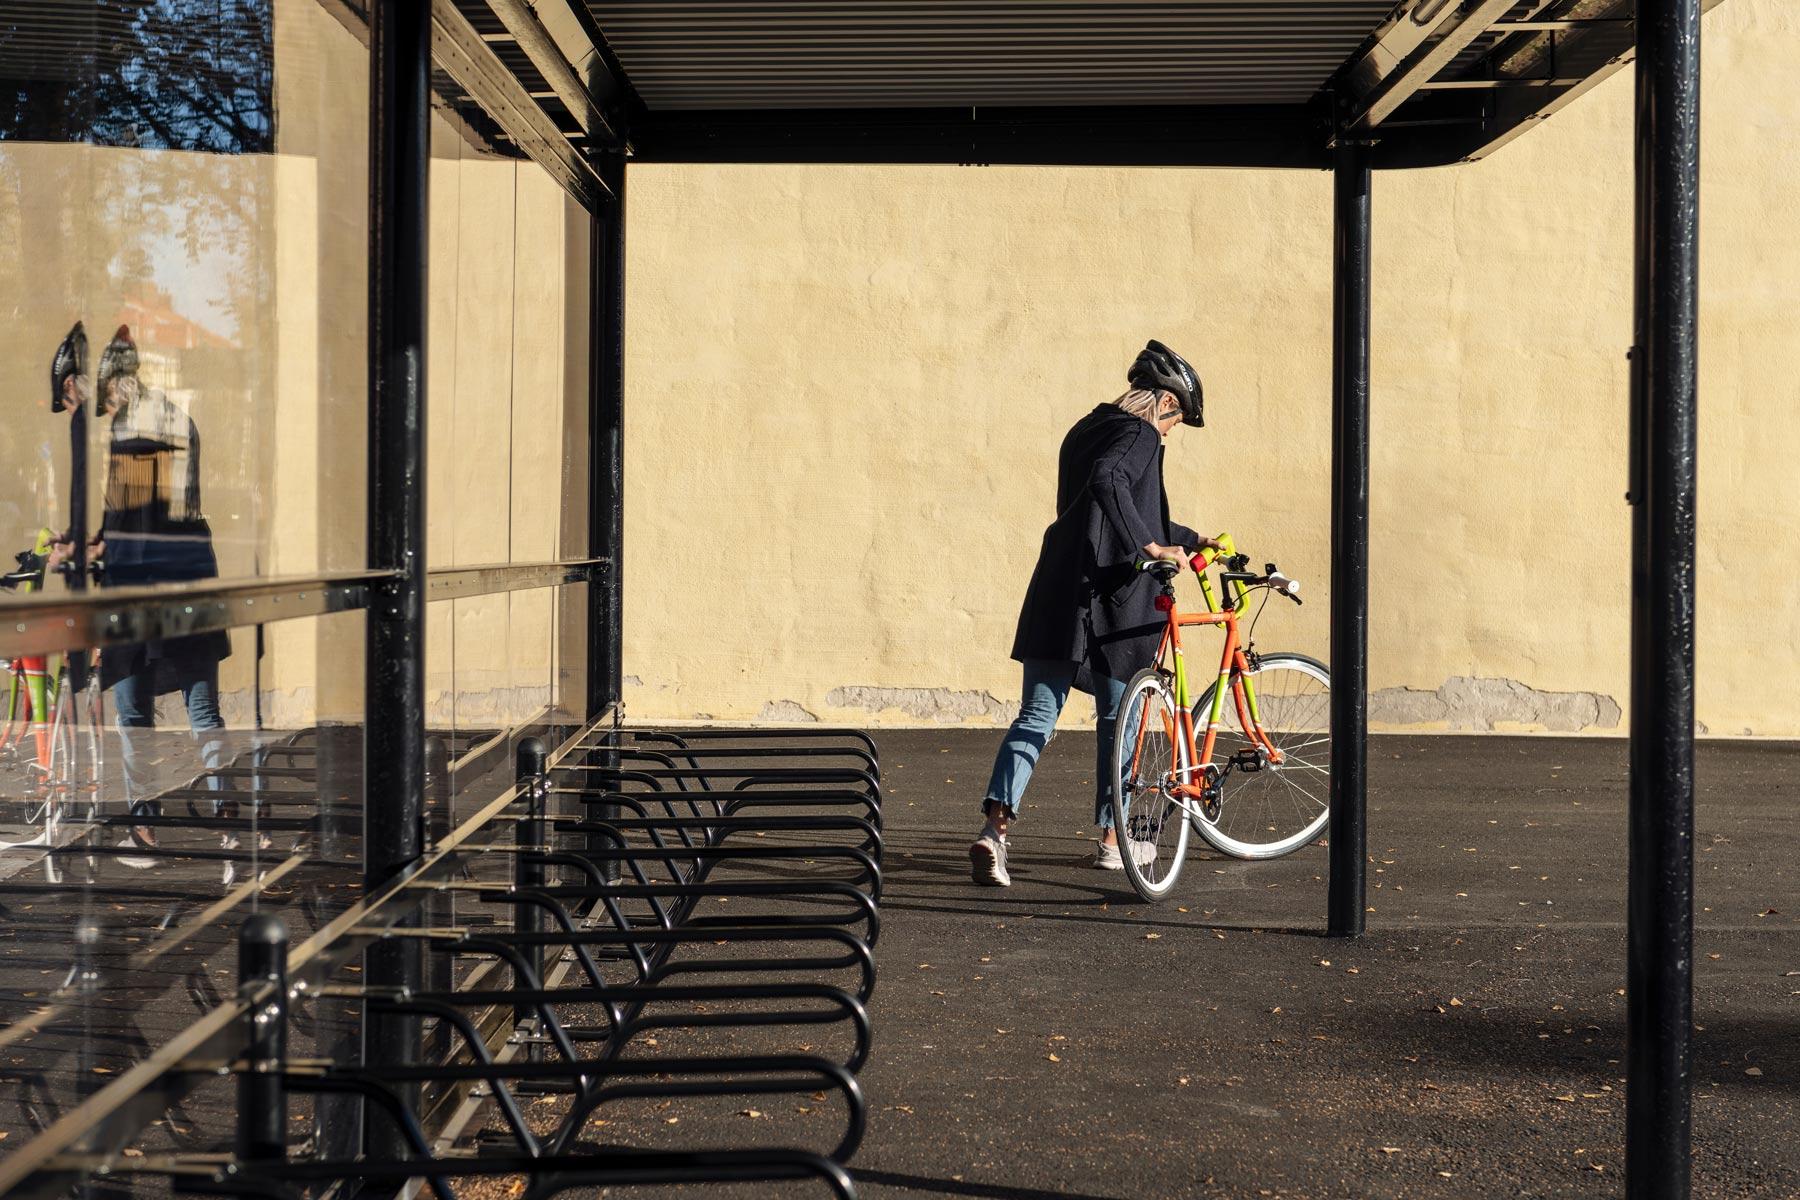 Cykeltak PARK med cyklist som är på väg därifrån